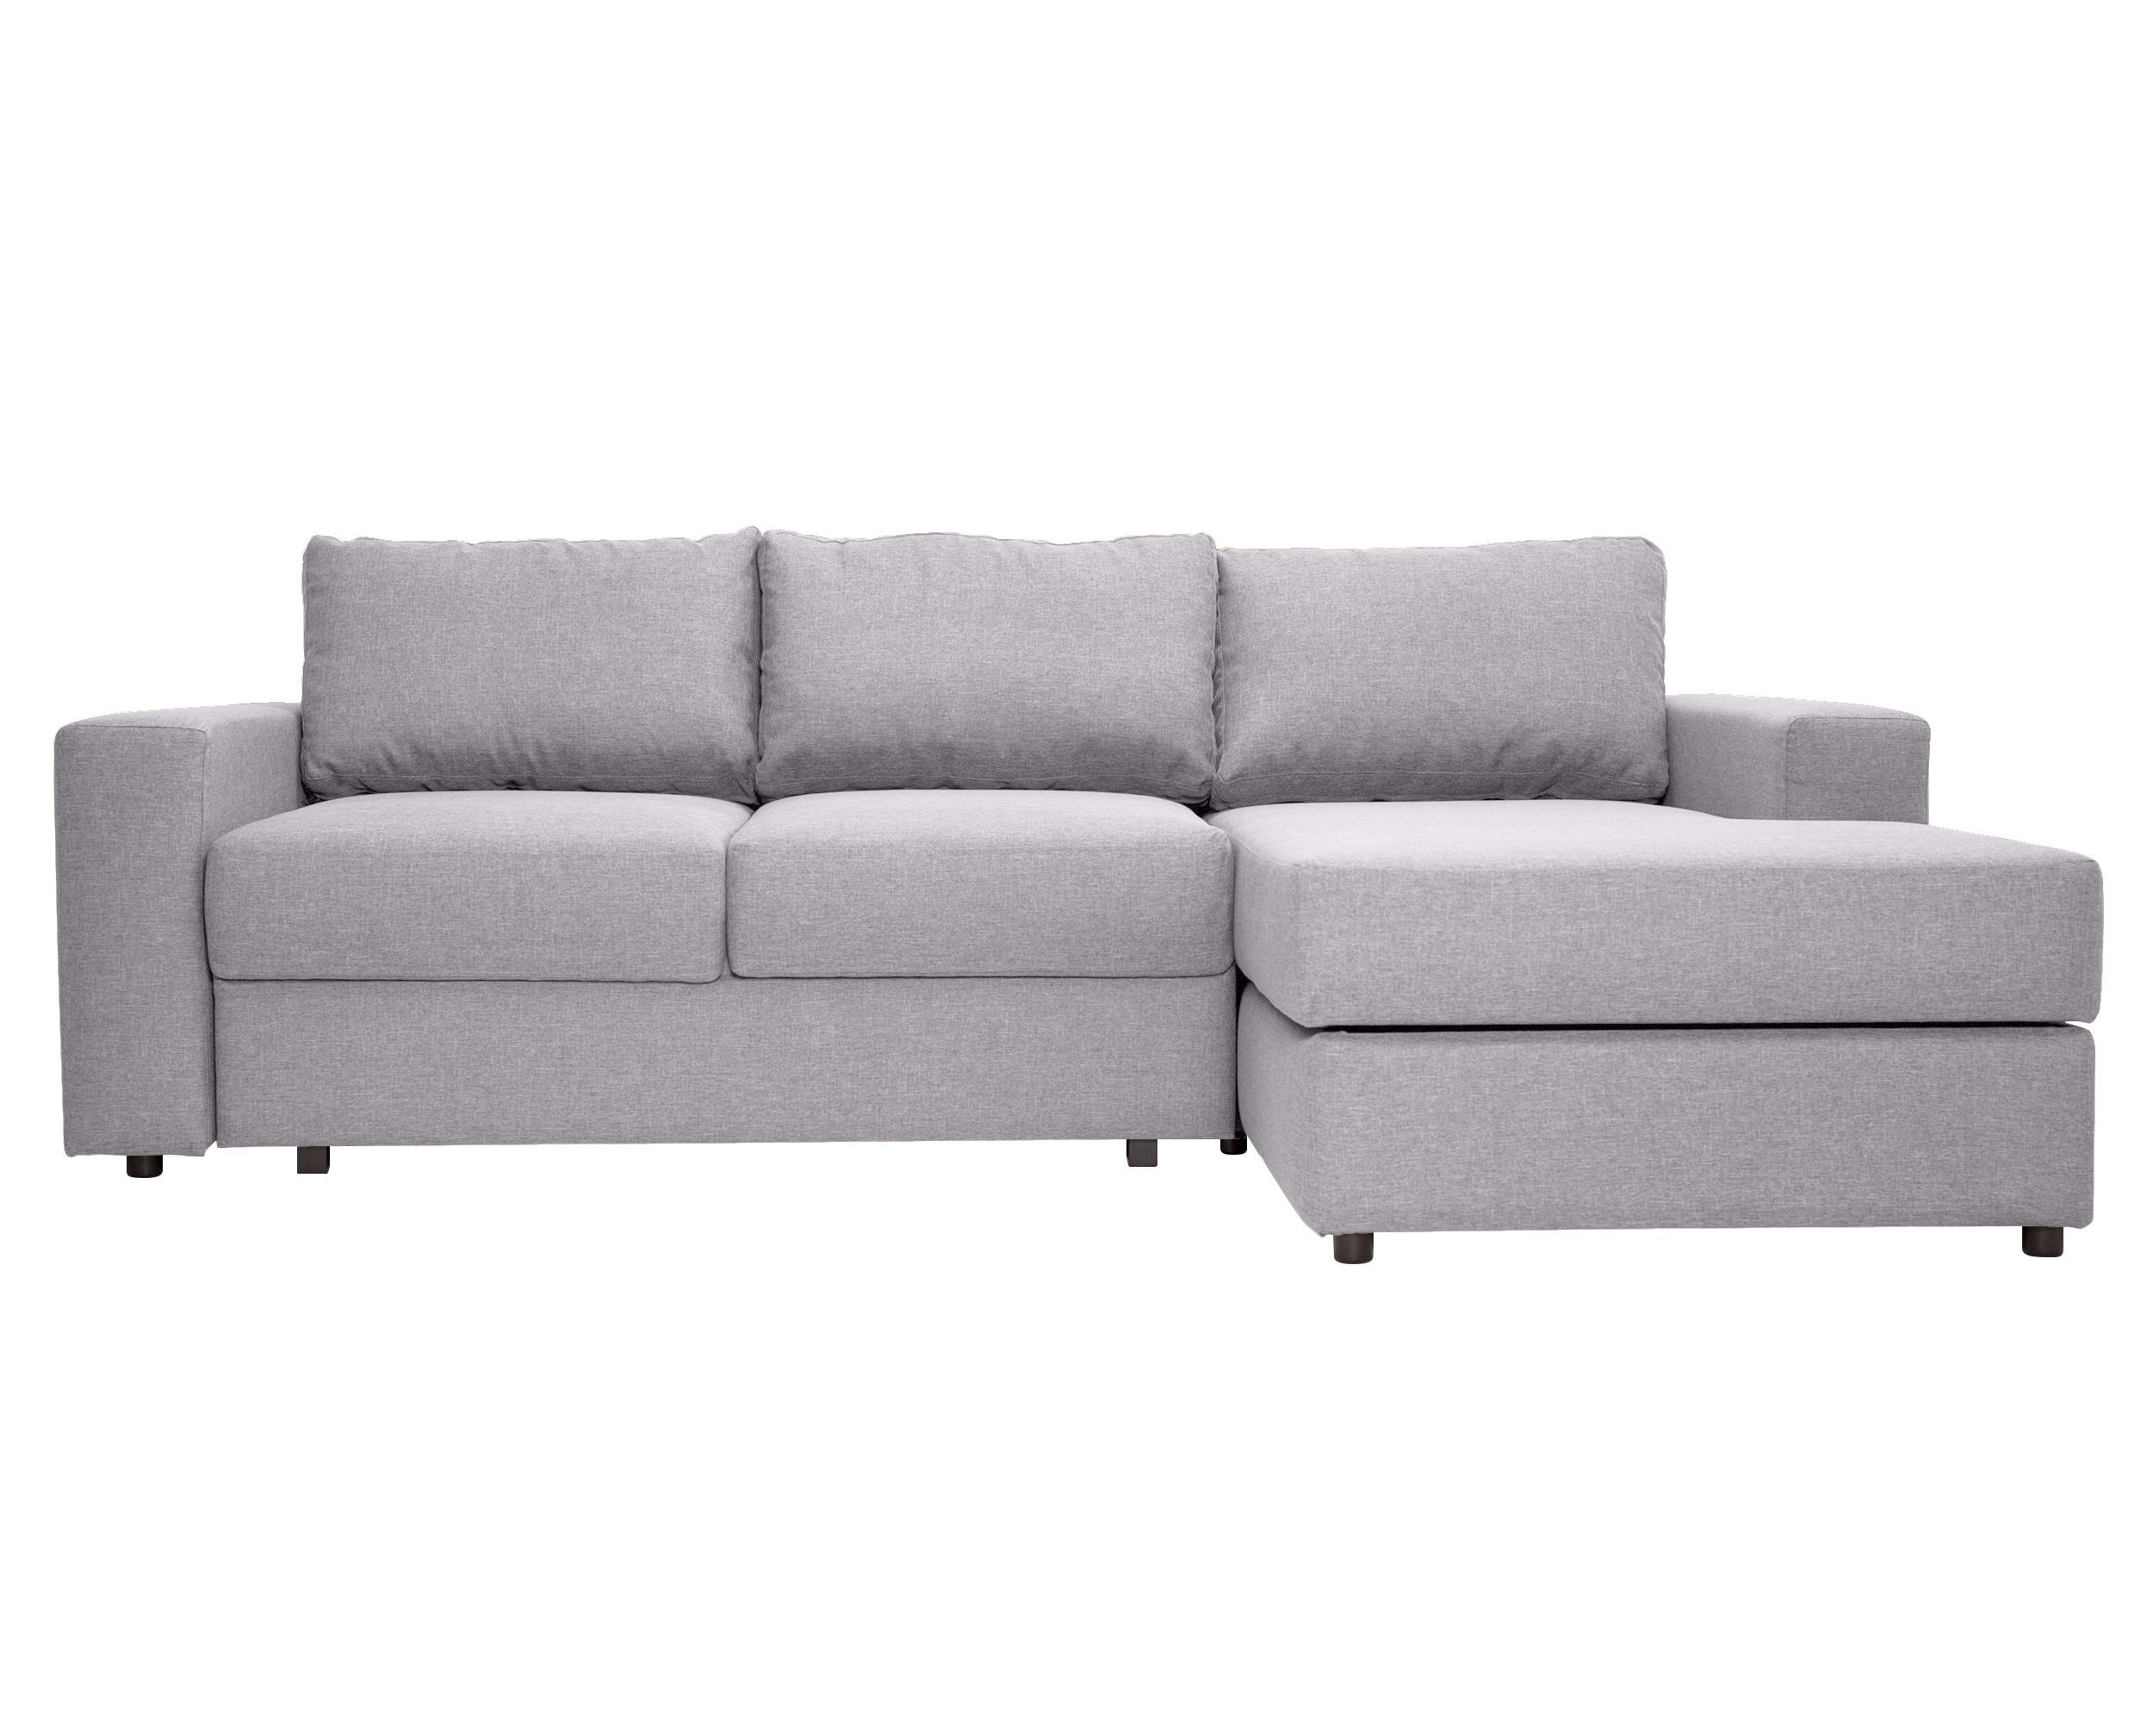 Угловой раскладной диван LumaУгловые раскладные диваны<br>Лаконичный диван для современных интерьеров. Исполнен<br>вроде бы традиционно, но с модерновыми нотками. Тут и нестандартная текстура&amp;amp;nbsp;ткани, и объемные формы, из которых особо выделяются подушки. И еще — довольно&amp;amp;nbsp;приземистая посадка. Диван довольно крупный, поэтому лучше всего использовать&amp;amp;nbsp;его, если у вас есть достаточно свободного пространства. Он задаст настроение&amp;amp;nbsp;всей комнате.&amp;lt;p&amp;gt;&amp;lt;/p&amp;gt;&amp;lt;div&amp;gt;Каркас: фанера, массив;&amp;lt;/div&amp;gt;&amp;lt;div&amp;gt;Наполнение: высокоэластичный ППУ;&amp;lt;/div&amp;gt;&amp;lt;div&amp;gt;Обивка: мебельная ткань, устойчивая к стиранию;&amp;lt;/div&amp;gt;&amp;lt;div&amp;gt;Опоры: массив дерева;&amp;lt;/div&amp;gt;&amp;lt;div&amp;gt;Дополнительно: возможно оборудование раскладным механизмом&amp;lt;/div&amp;gt;<br><br>Material: Текстиль<br>Ширина см: 250<br>Высота см: 79<br>Глубина см: 158